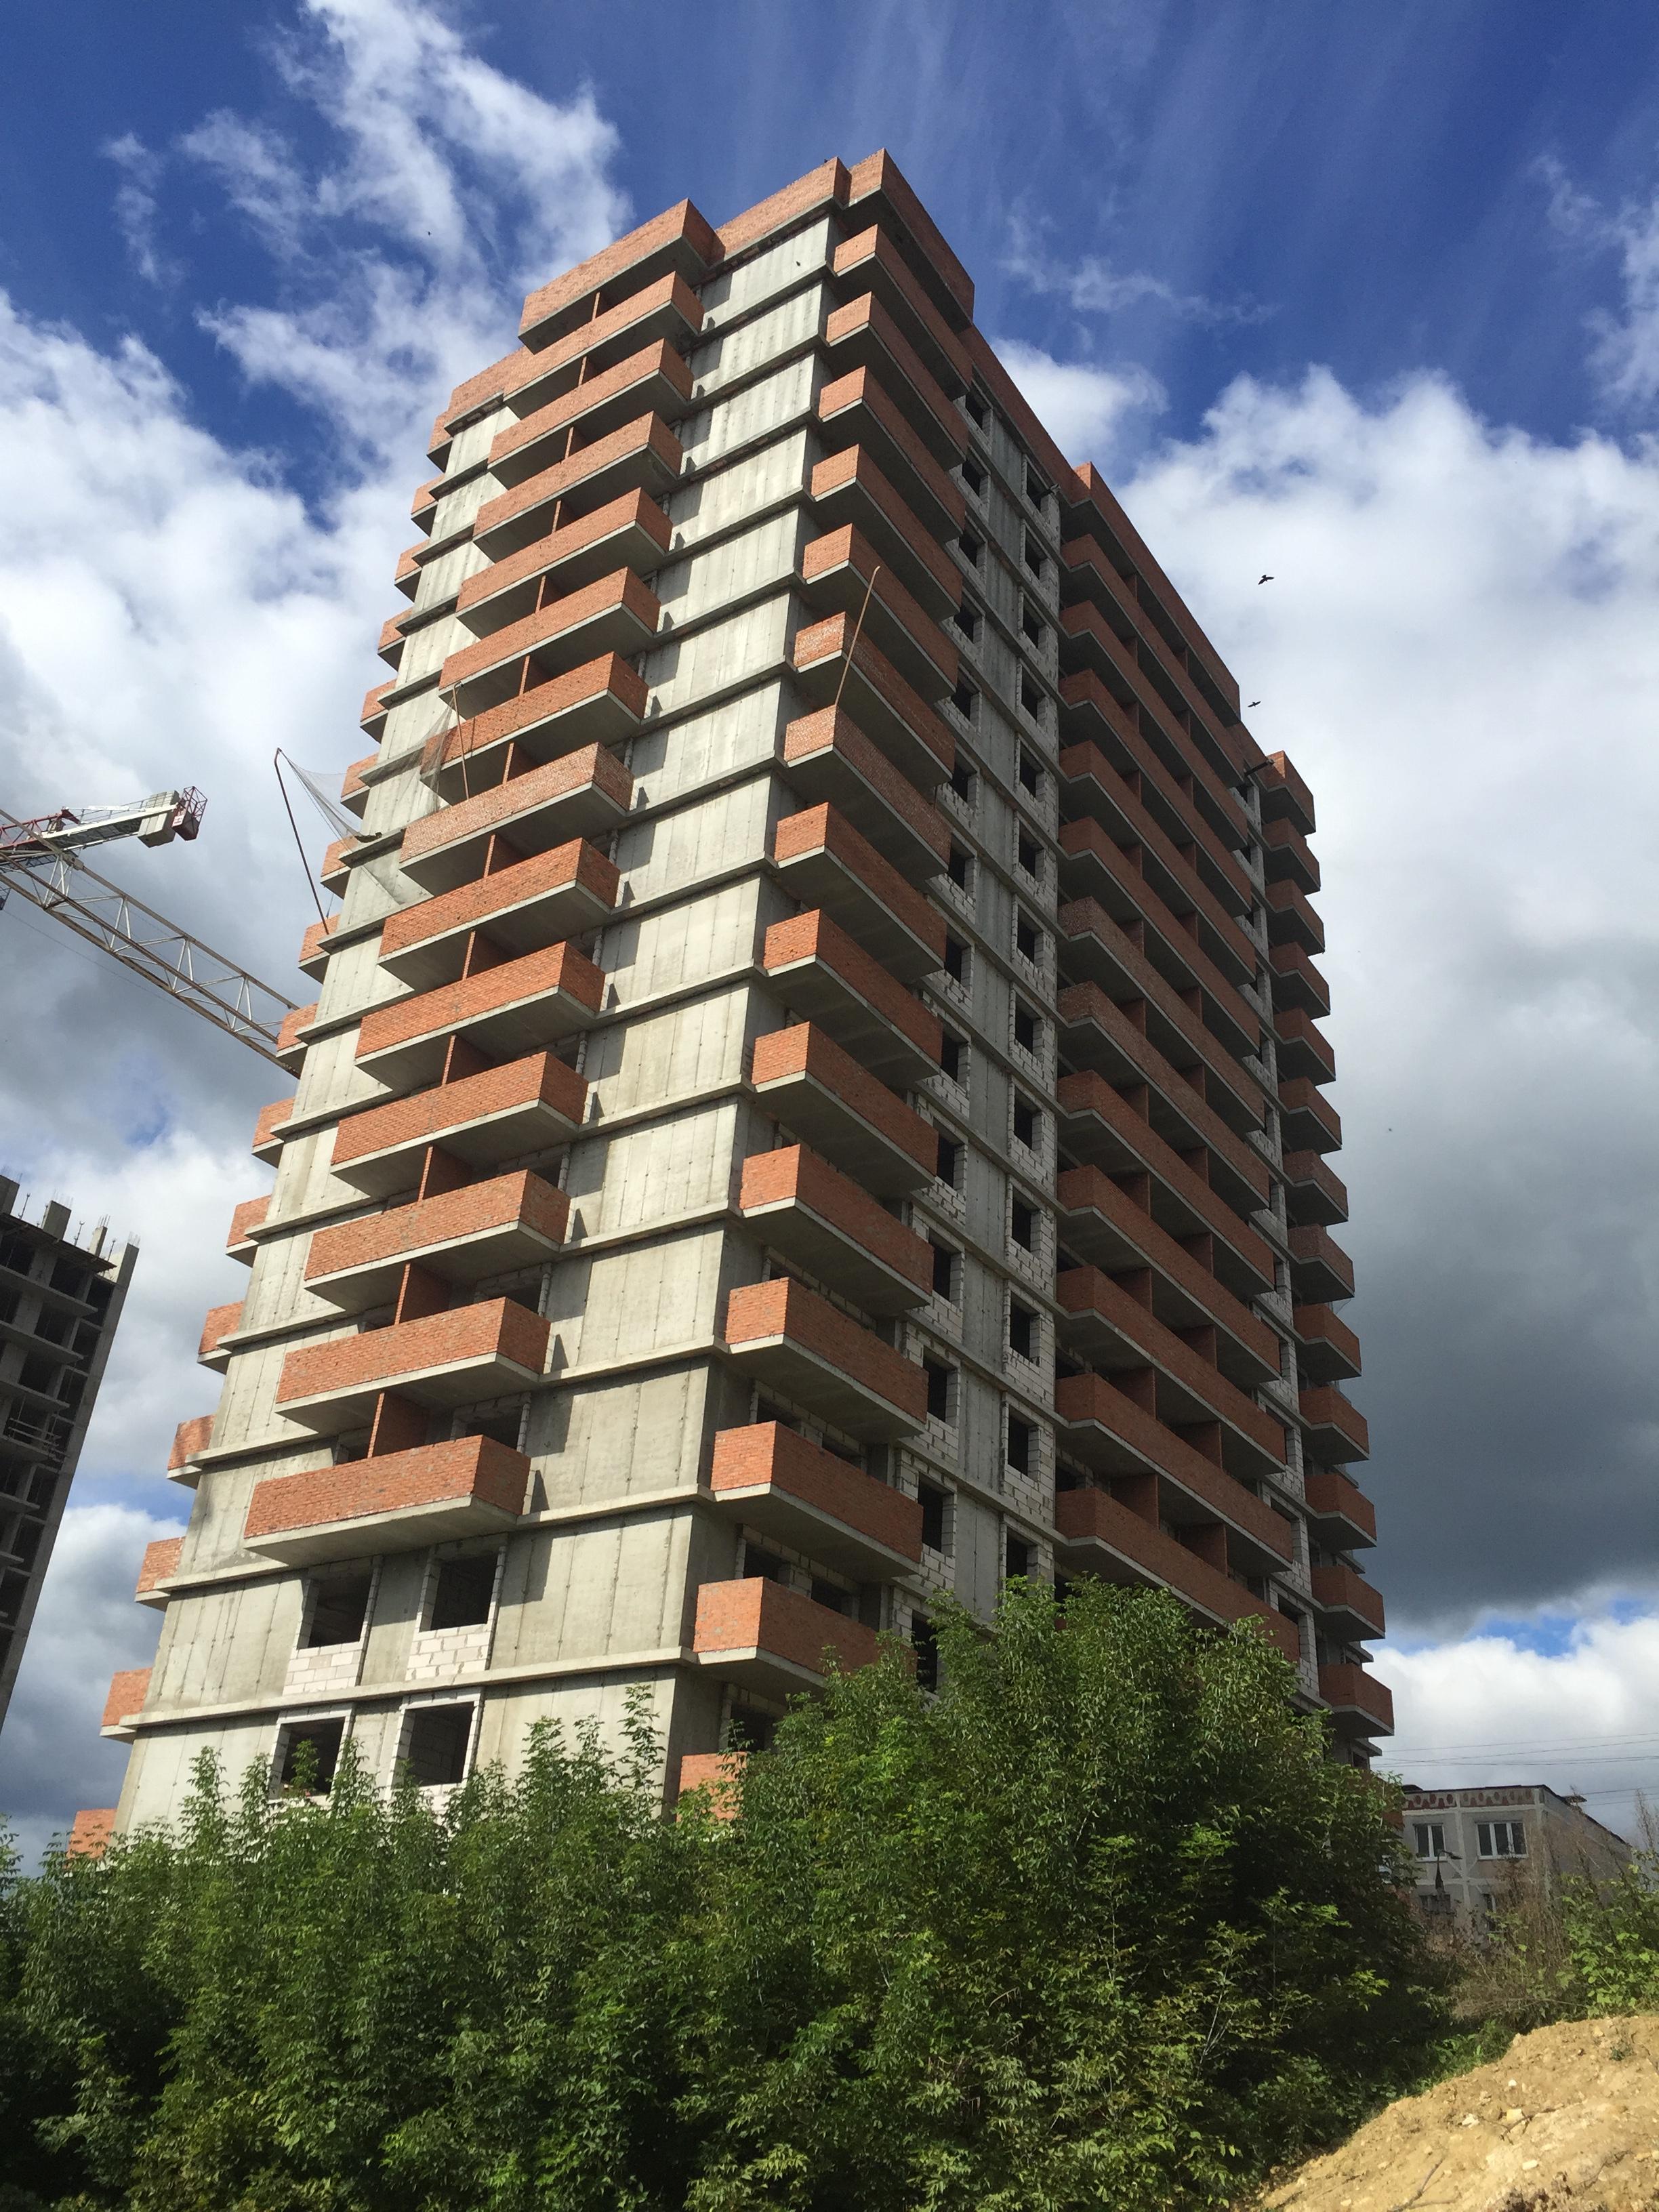 Полностью закончены монолитные работы, возведены межквартирные перегородки, оконные блоки и балконы. Завершено устройство мягкой кровли на крыше.